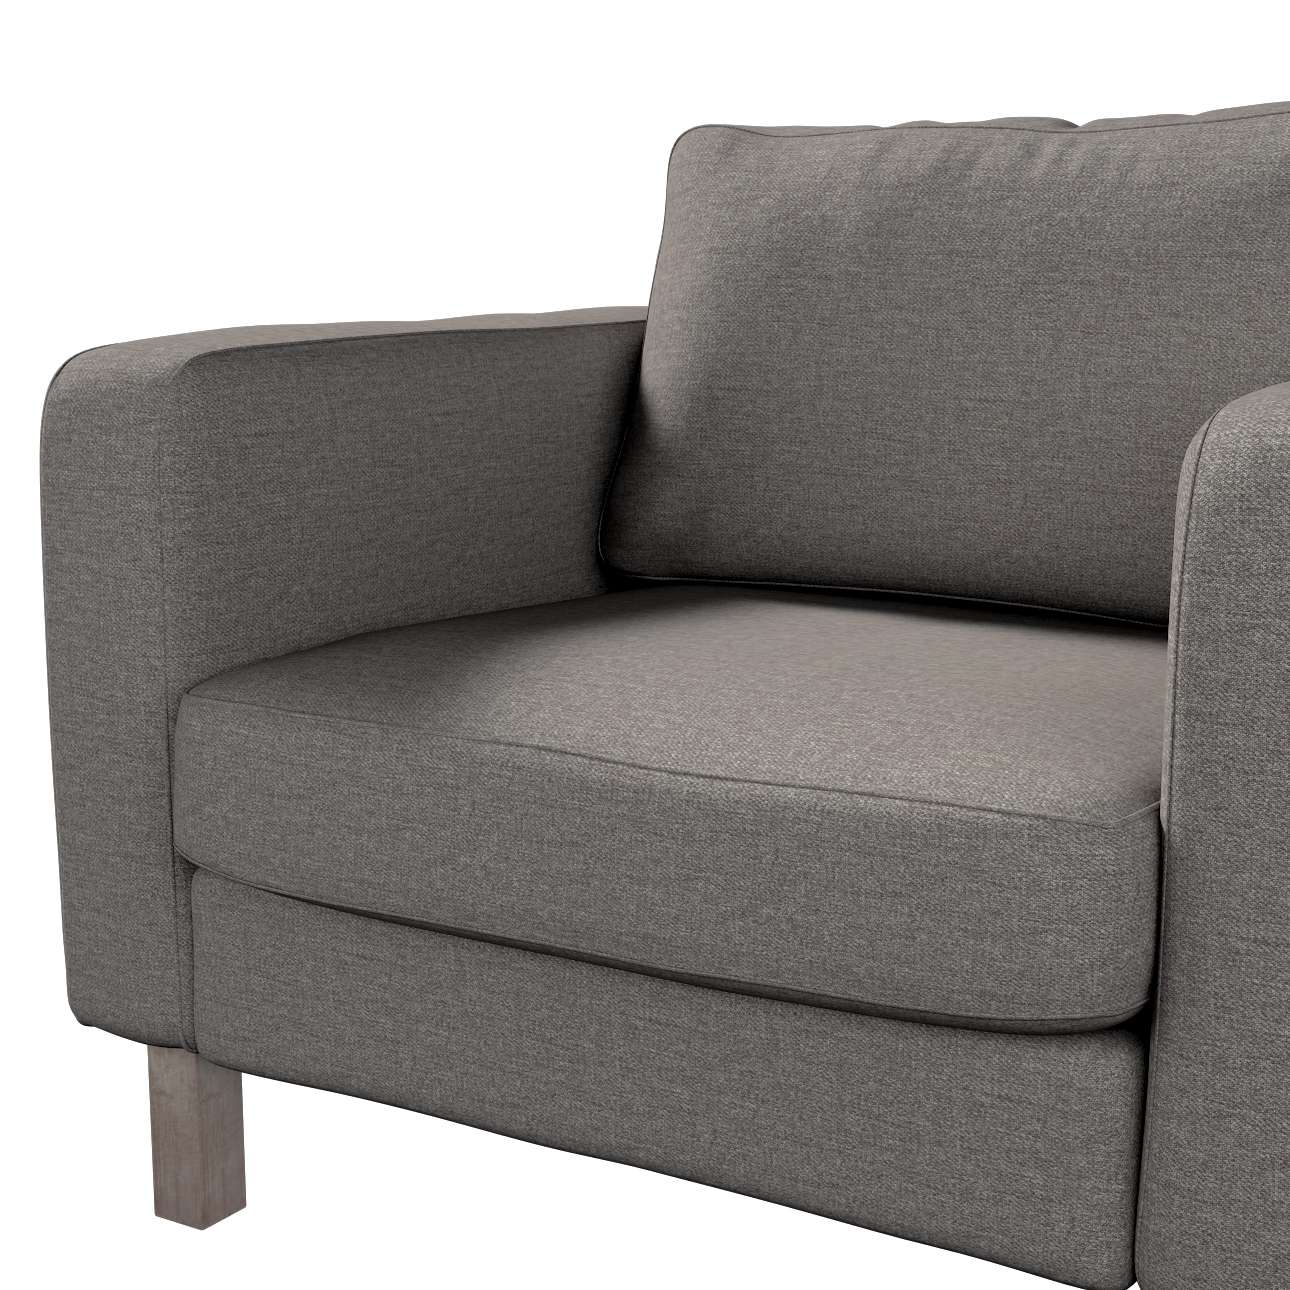 Karlstad päällinen nojatuoli mallistosta Edinburgh, Kangas: 115-77